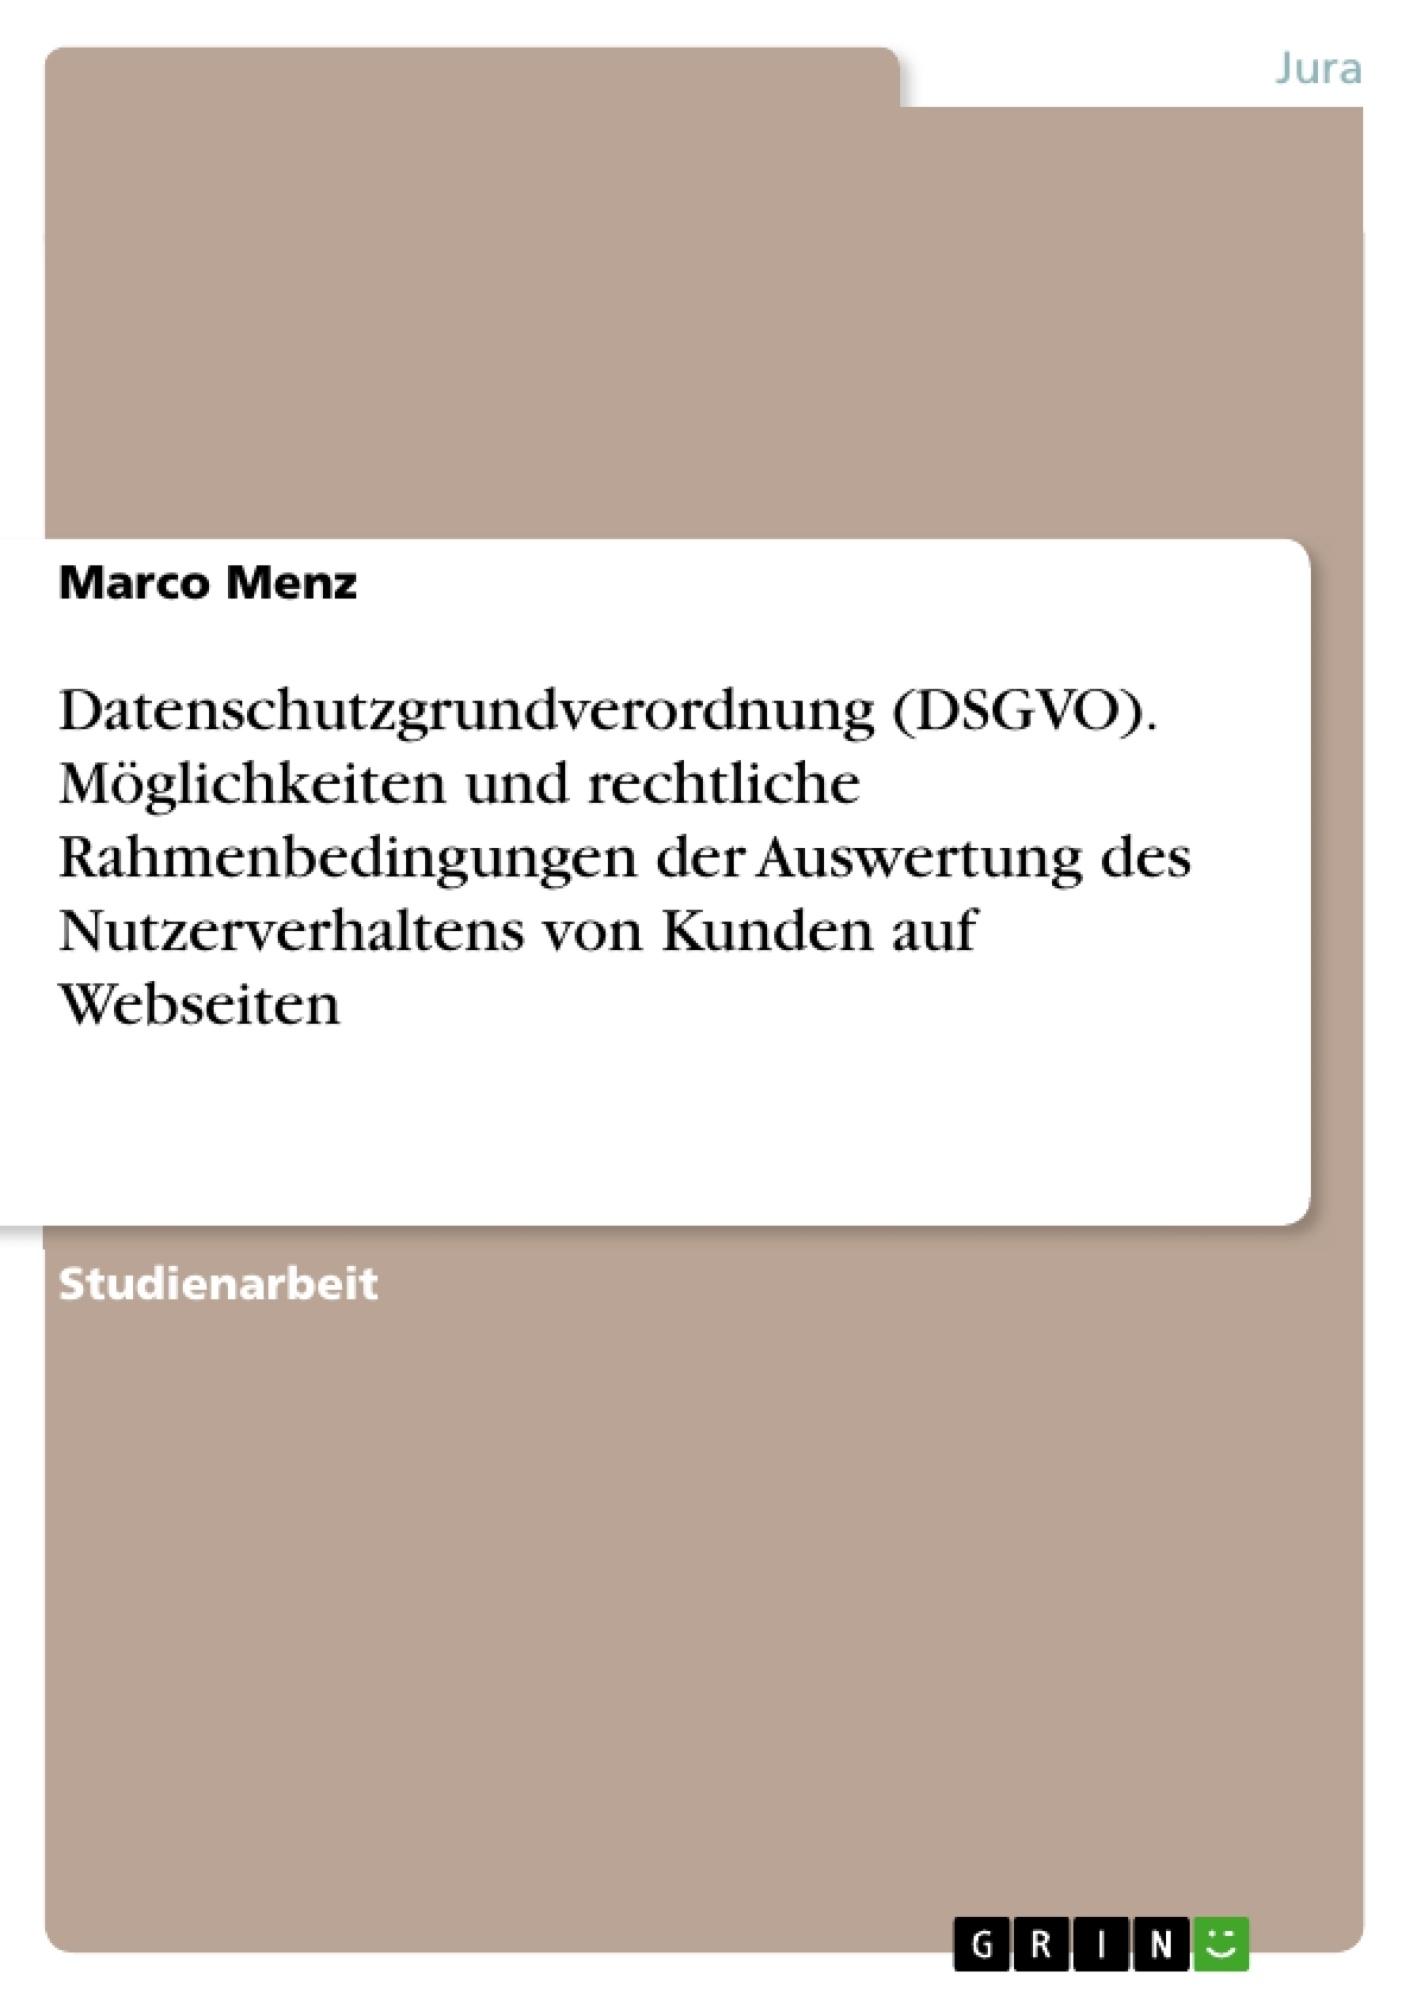 Titel: Datenschutzgrundverordnung (DSGVO). Möglichkeiten und rechtliche Rahmenbedingungen der Auswertung des Nutzerverhaltens von Kunden auf Webseiten